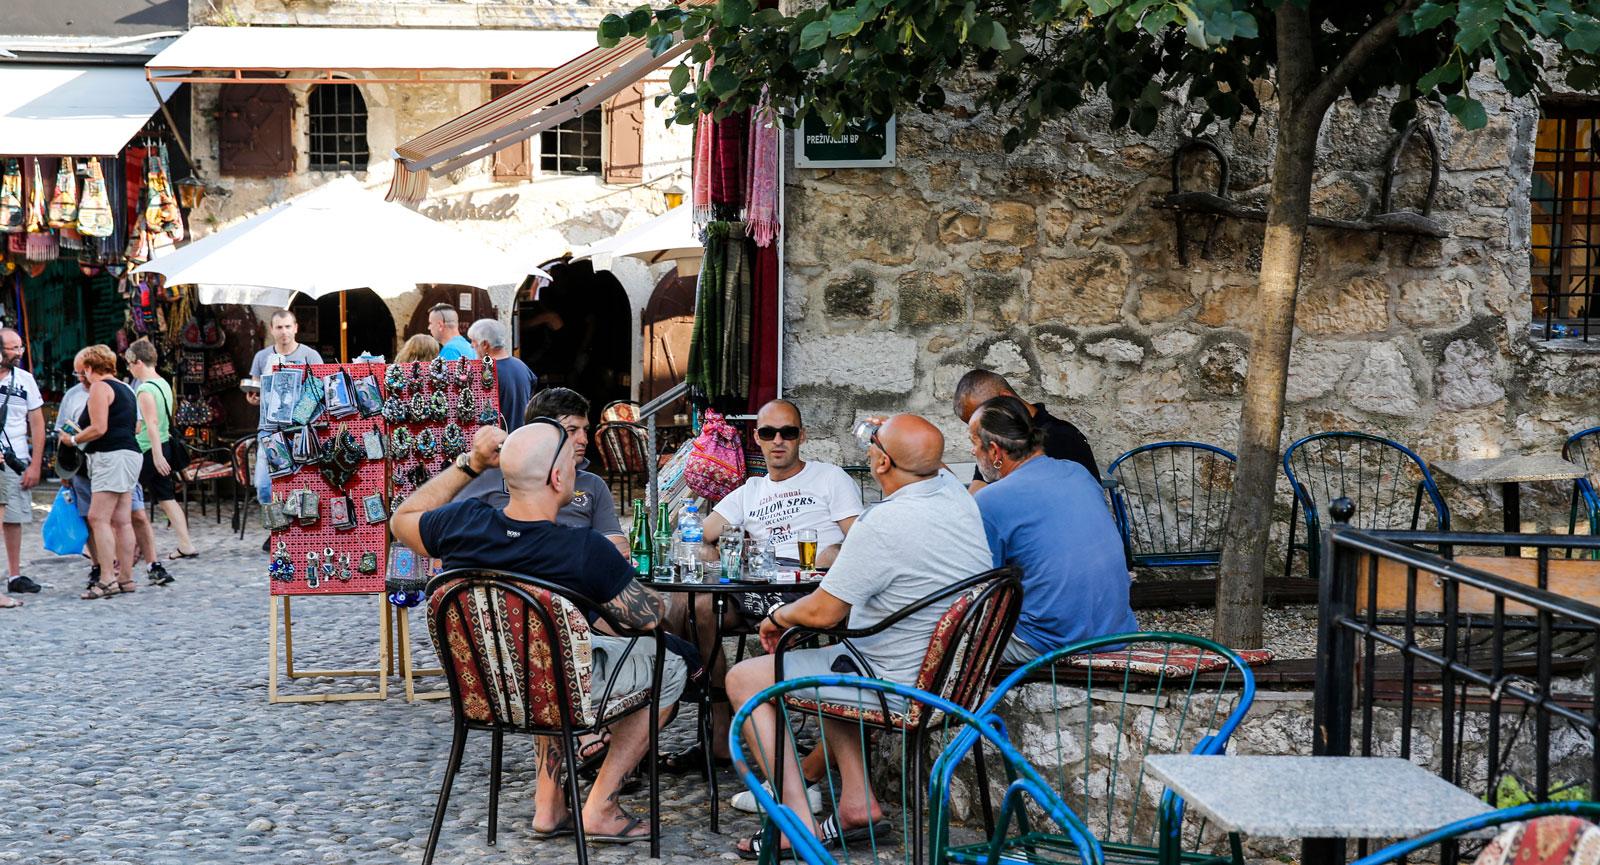 Utelivet i Mostar är imponerande. Överallt finns det uteserveringar, barer och kaféer.